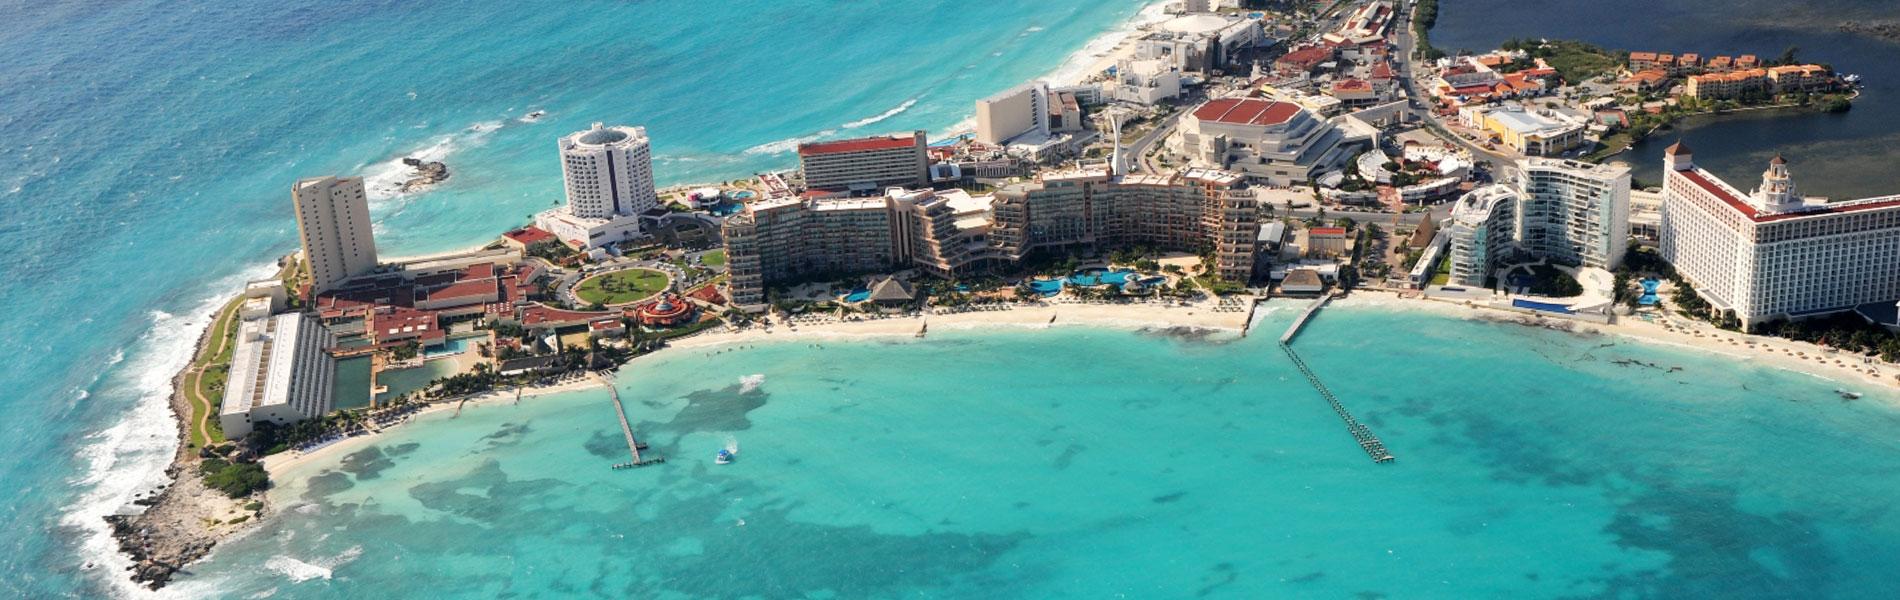 Destino Cancun